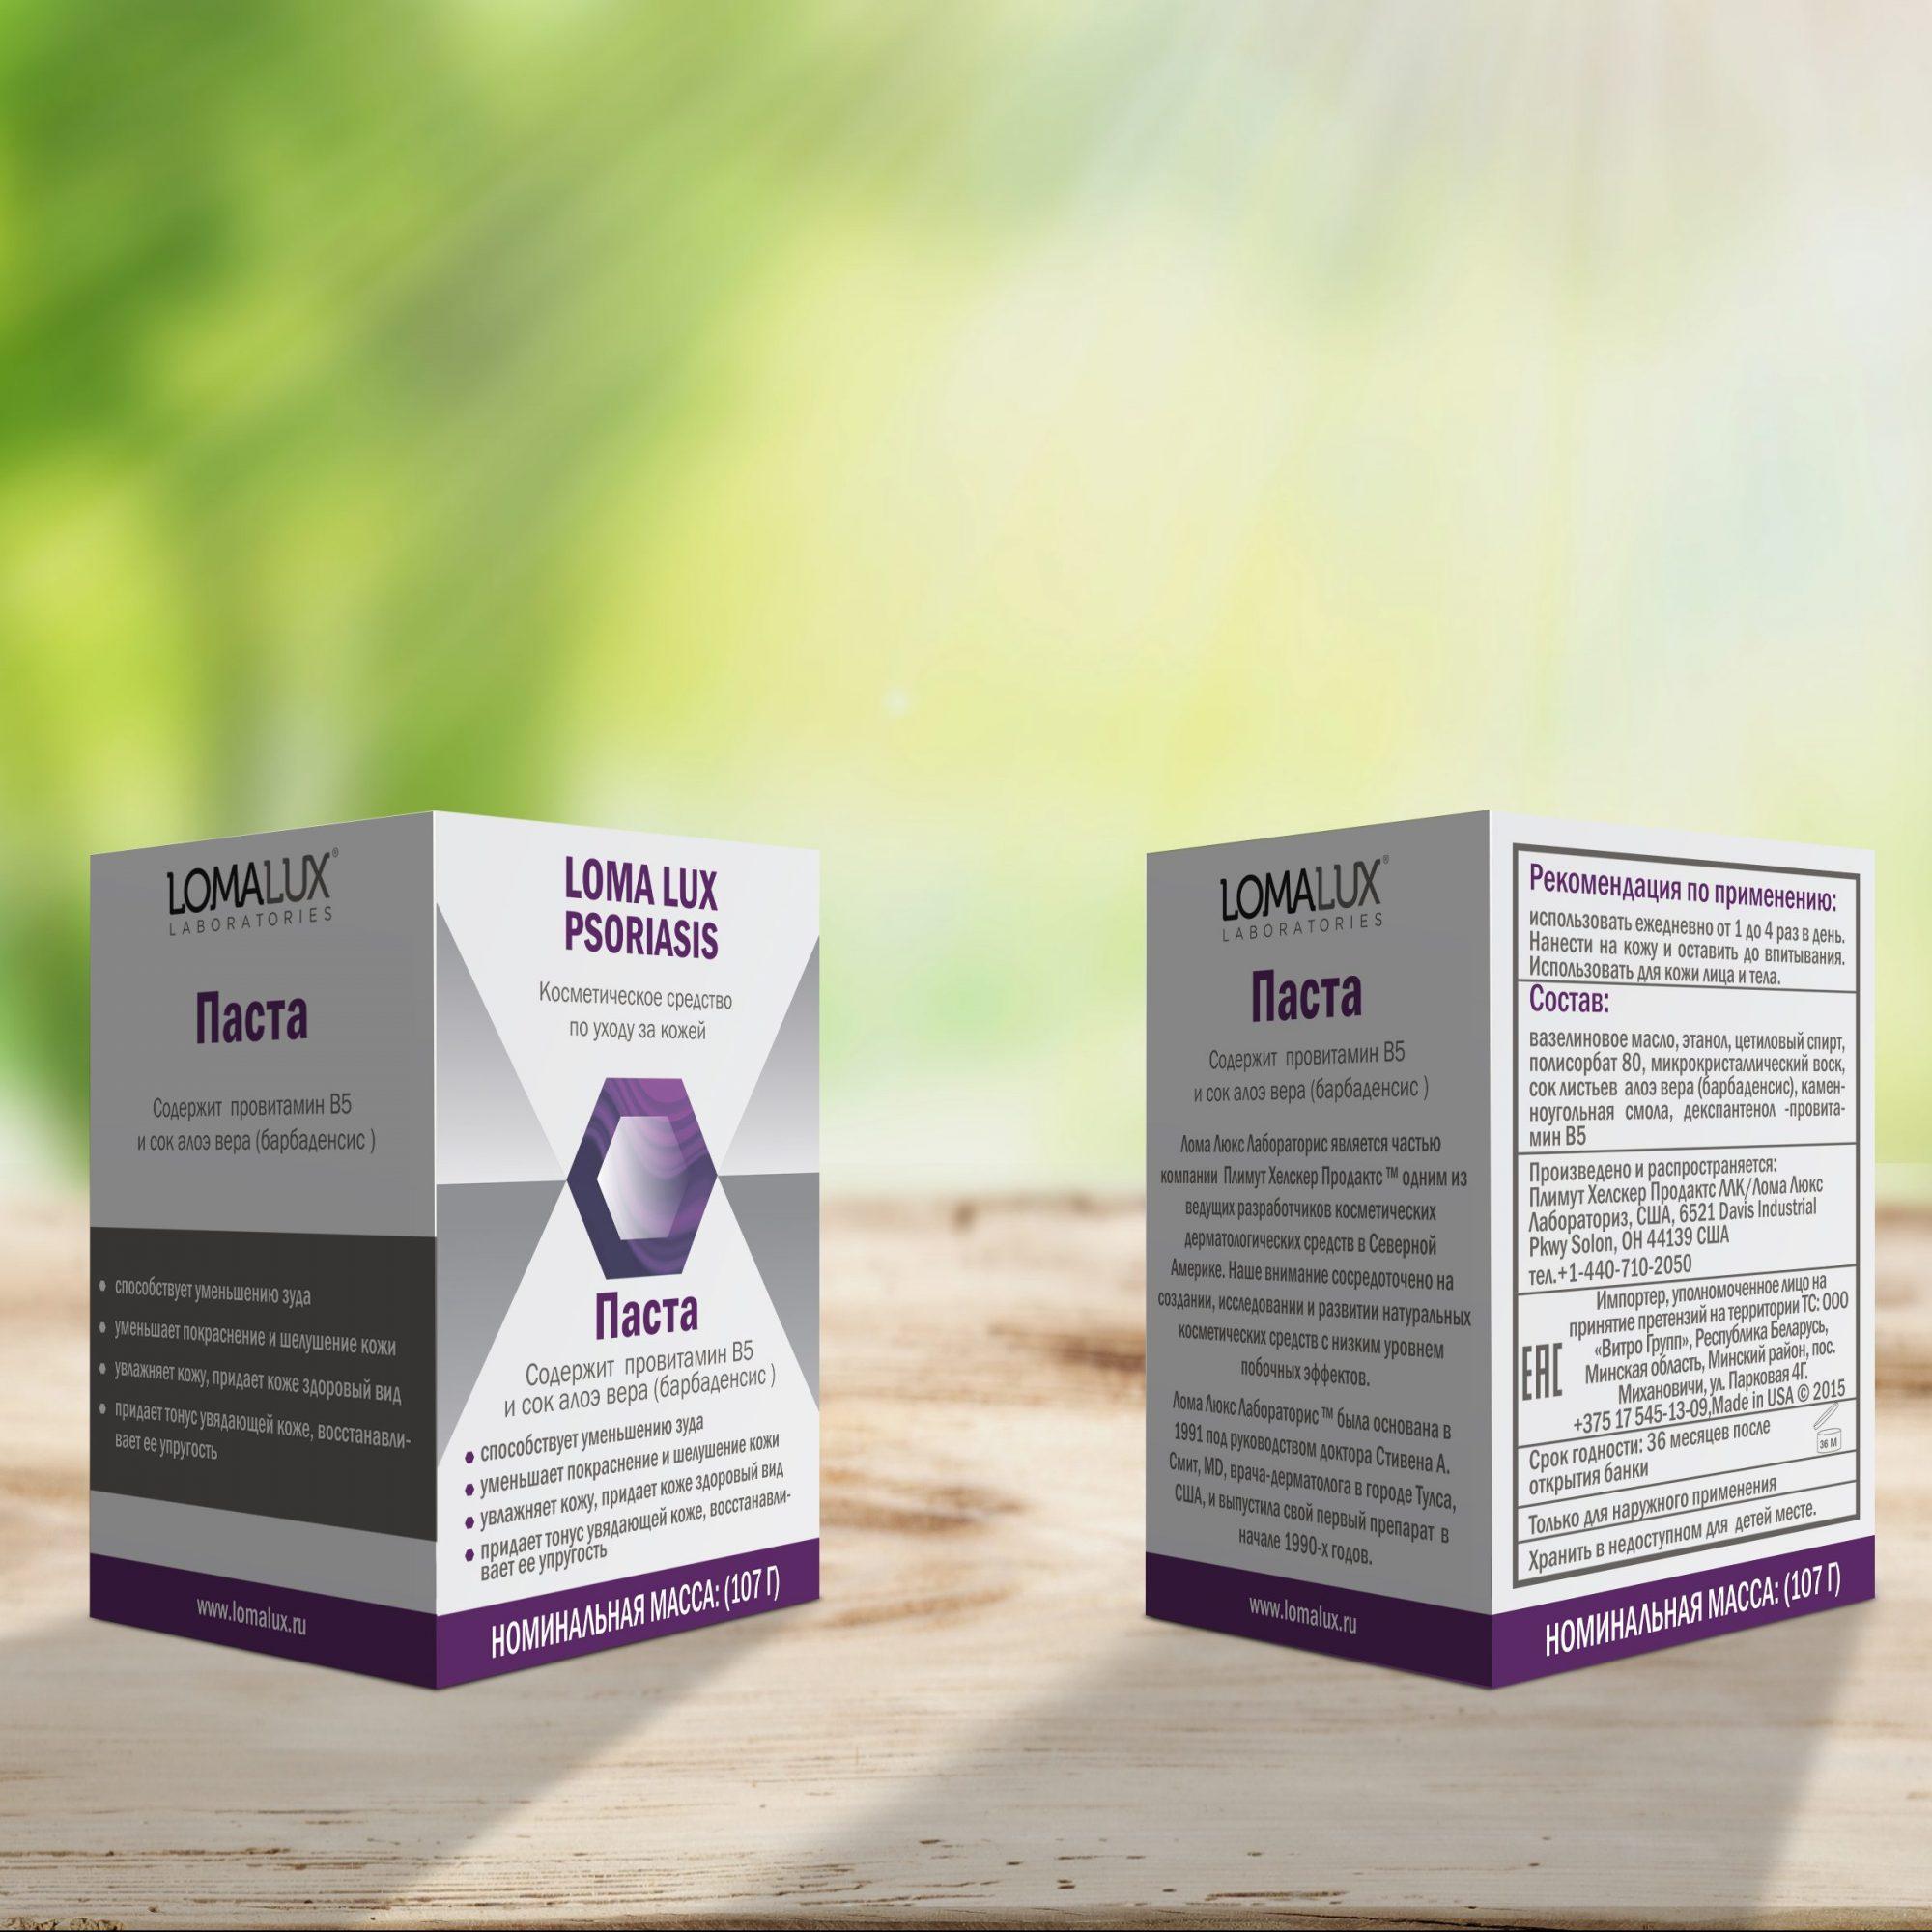 Клиника по борьбе с псориазом